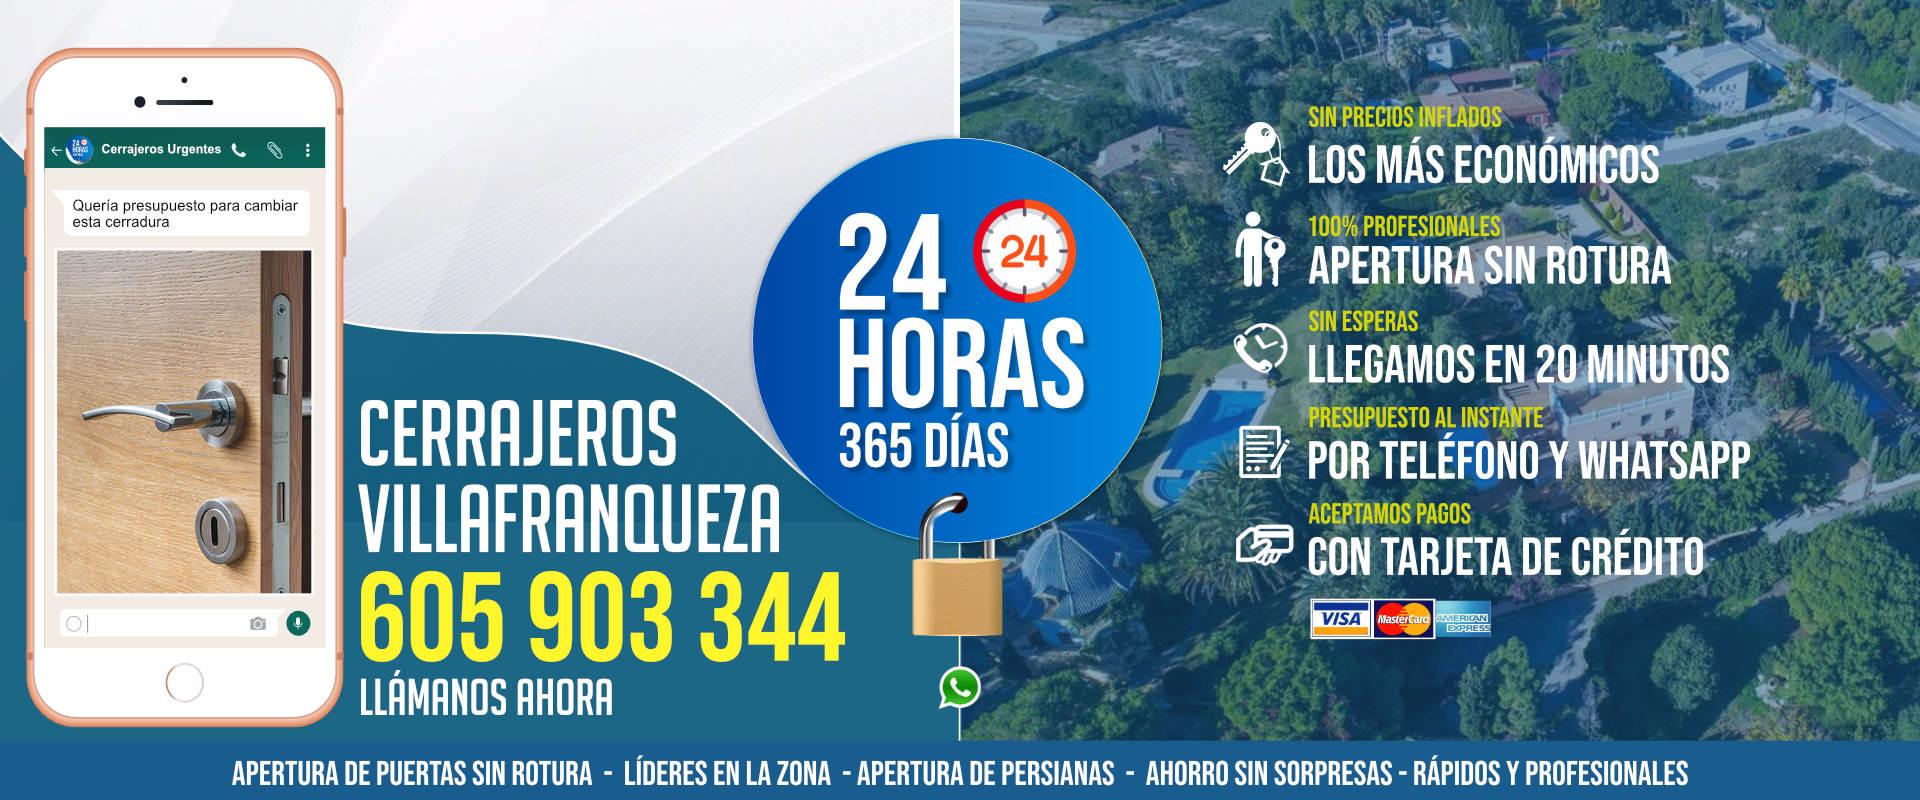 Cerrajeros Villafranqueza 1